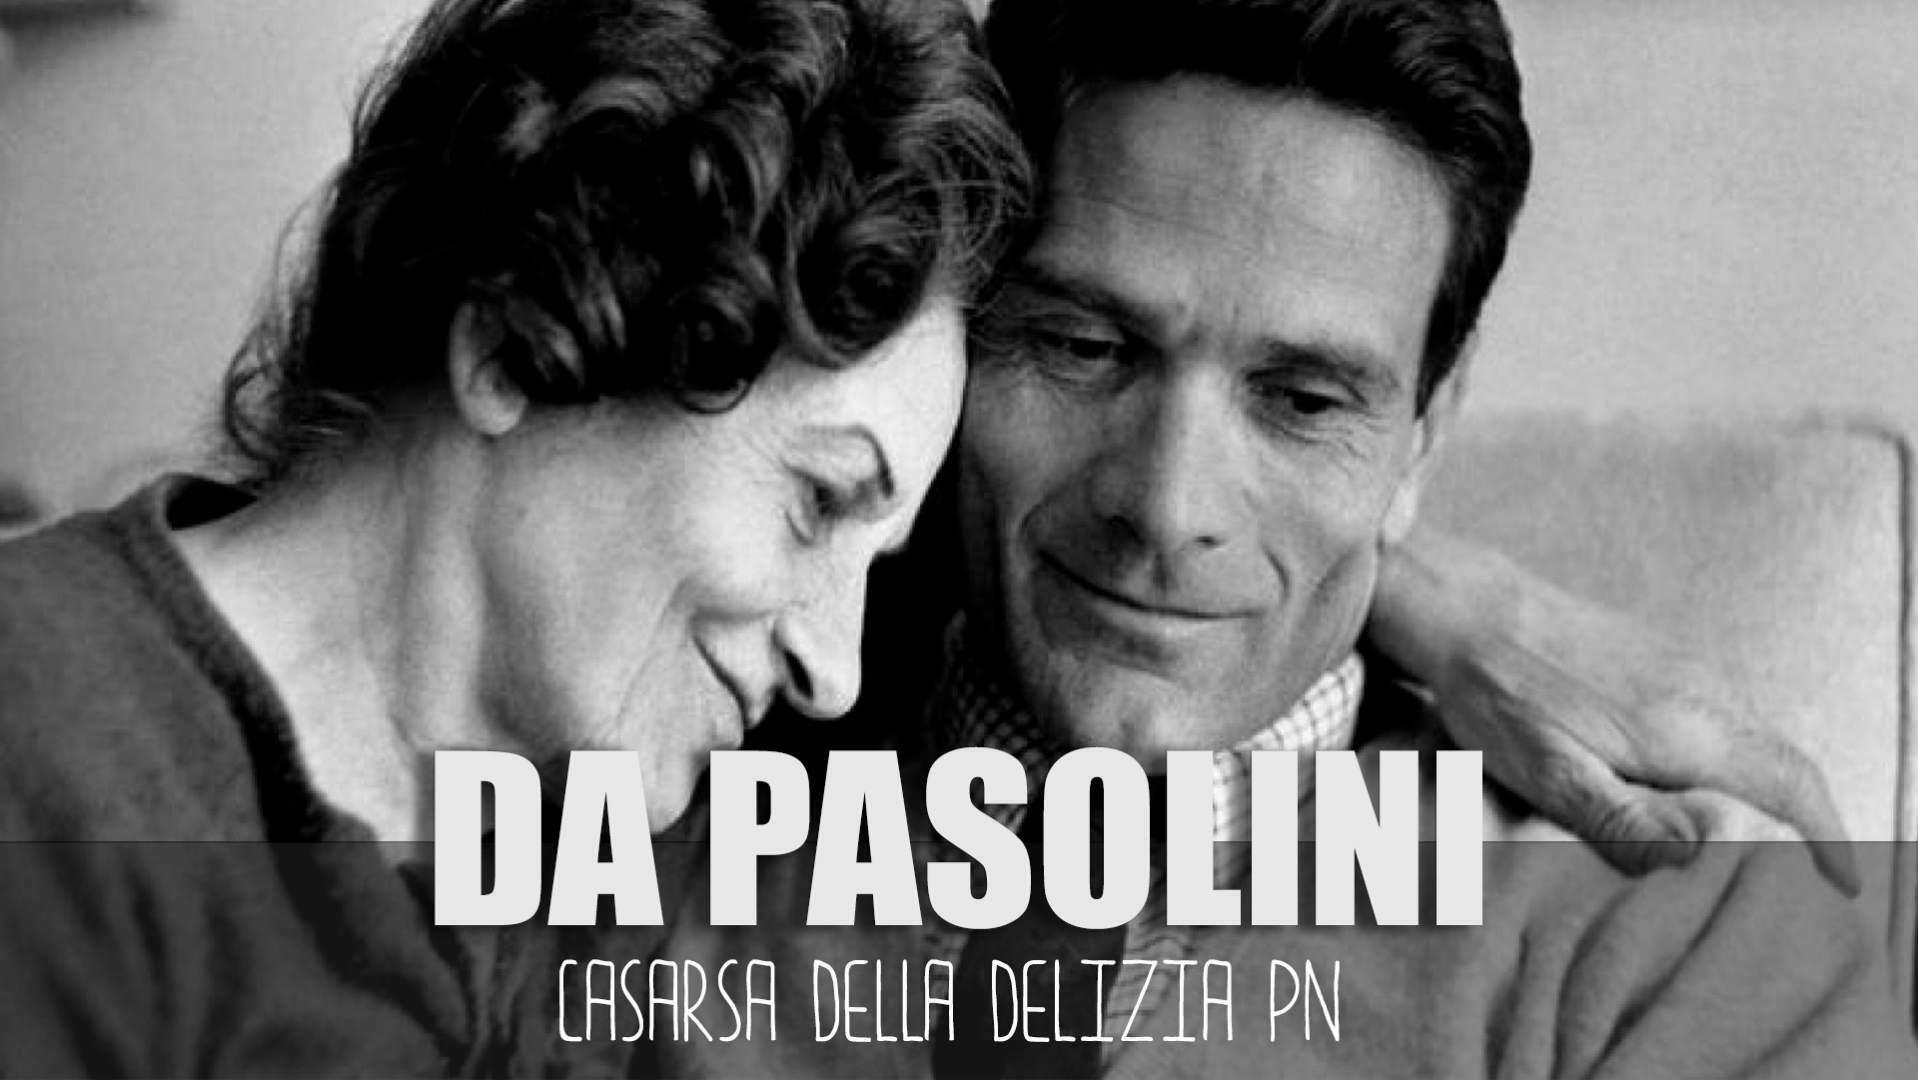 """Puntata """"Tomba e Casa Natale di Pierpaolo Pasolini a Casarsa della Delizia PN"""" del canale YouTube di Le Puntine del Mondo"""